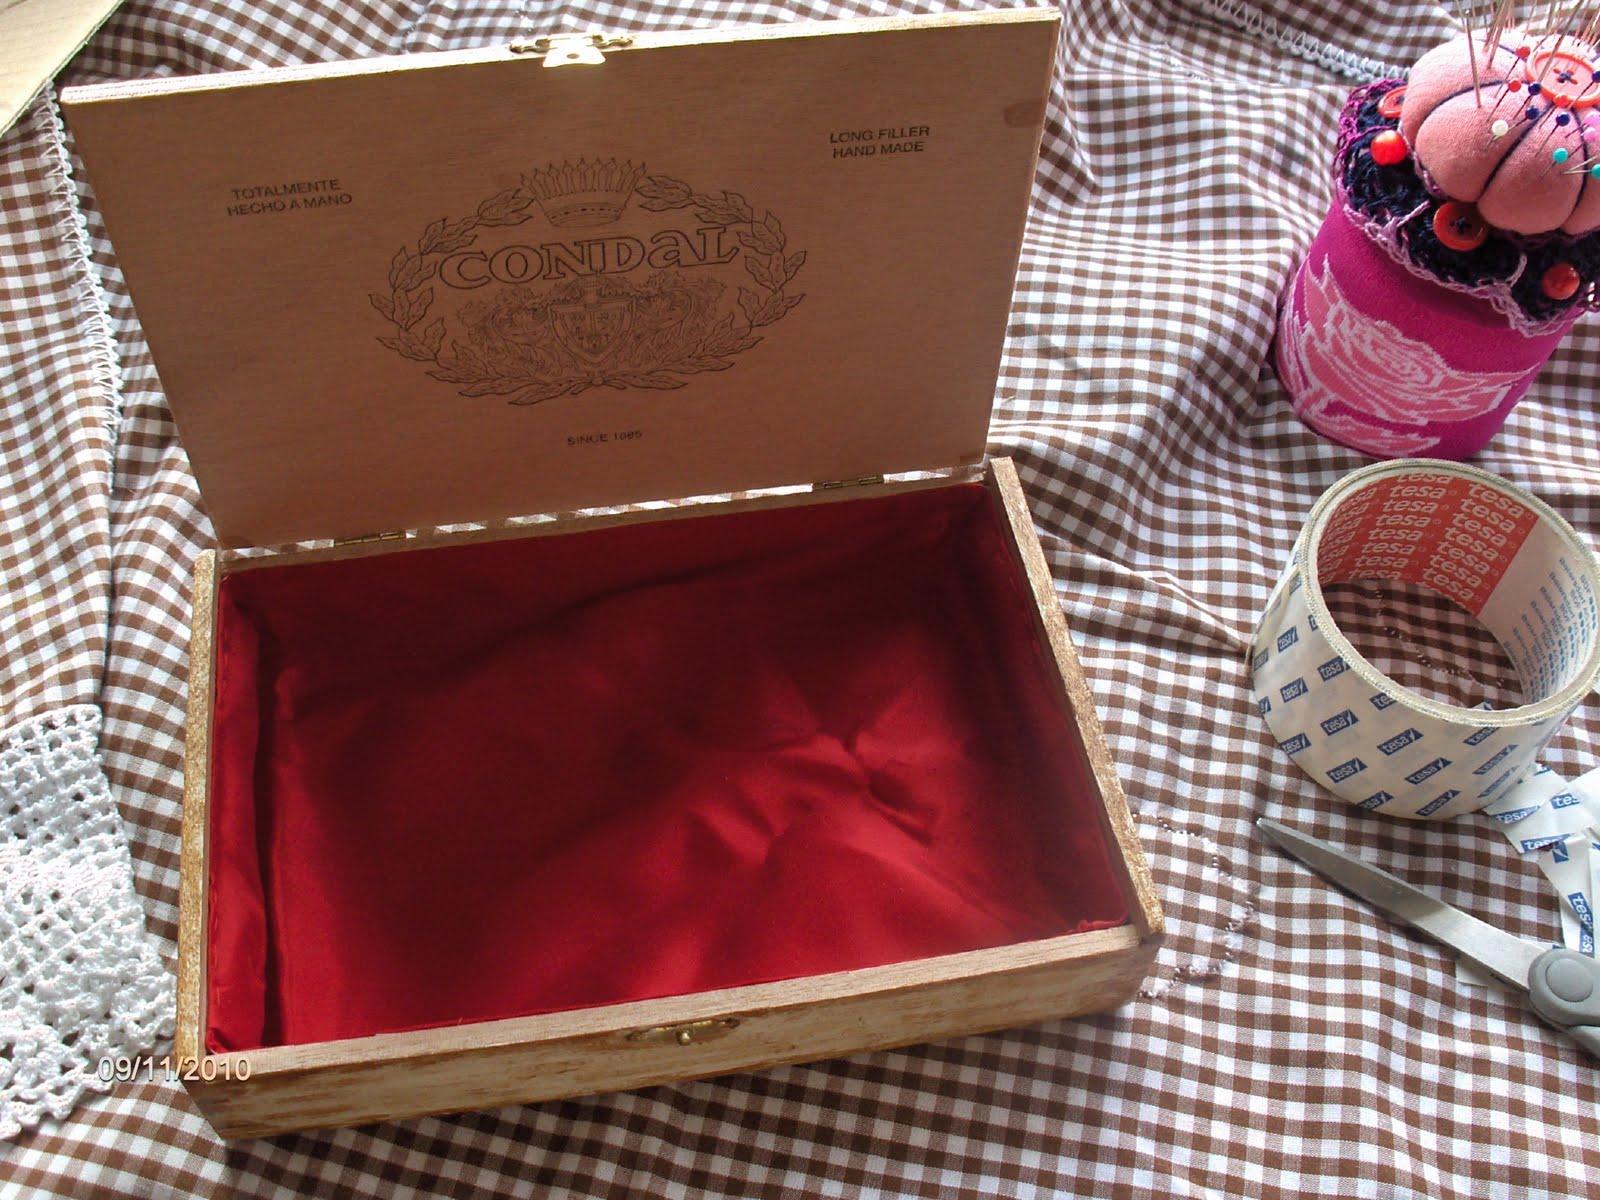 forrar caja: